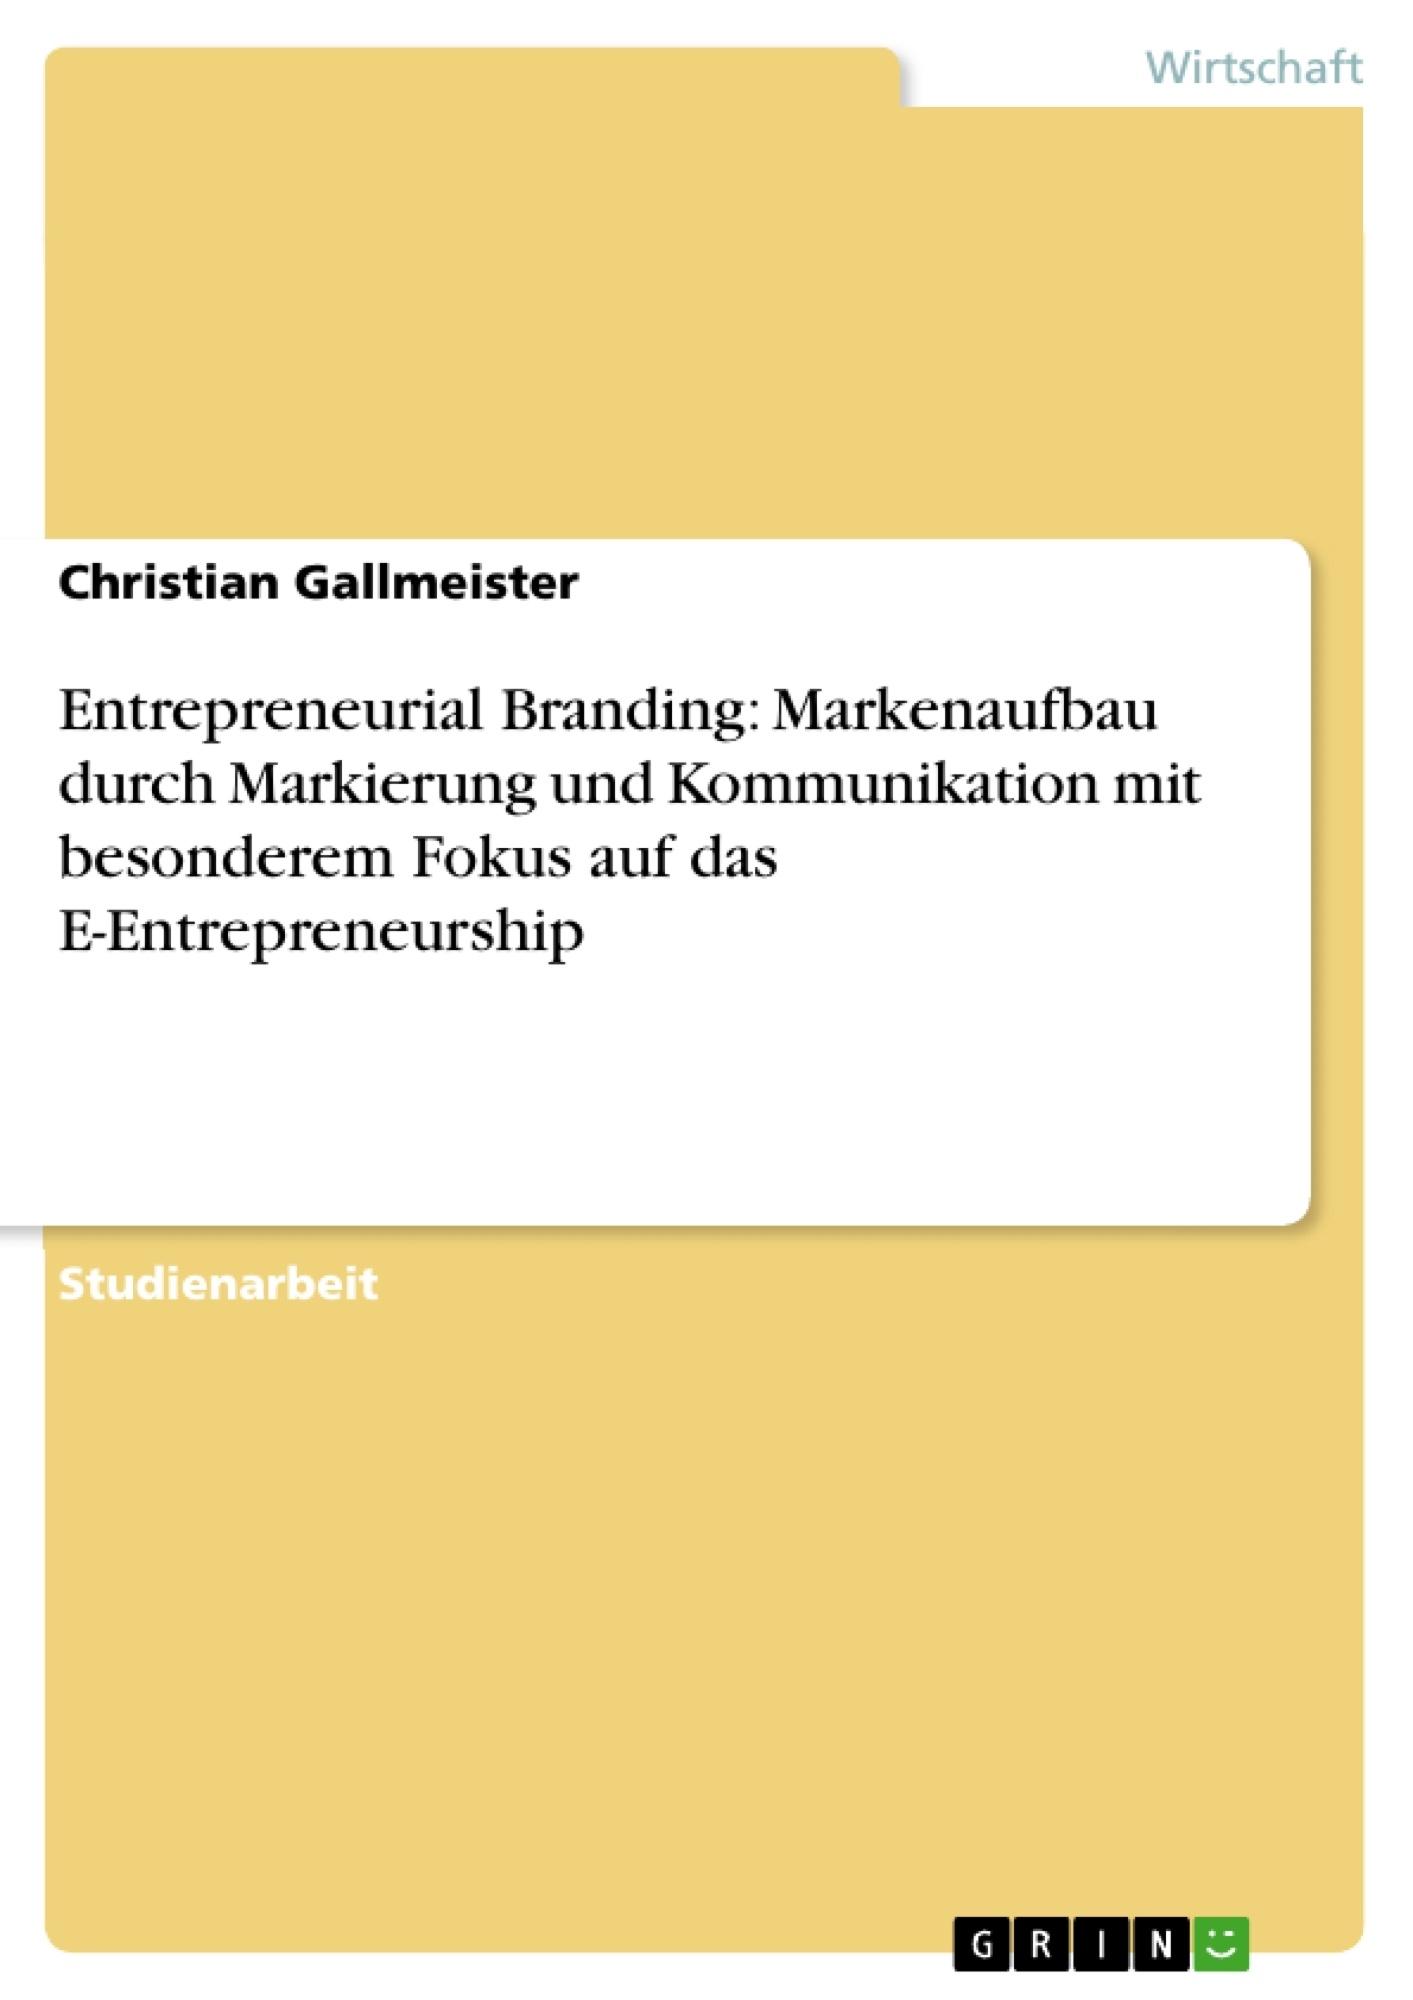 Titel: Entrepreneurial Branding: Markenaufbau durch Markierung und Kommunikation mit besonderem Fokus auf das E-Entrepreneurship